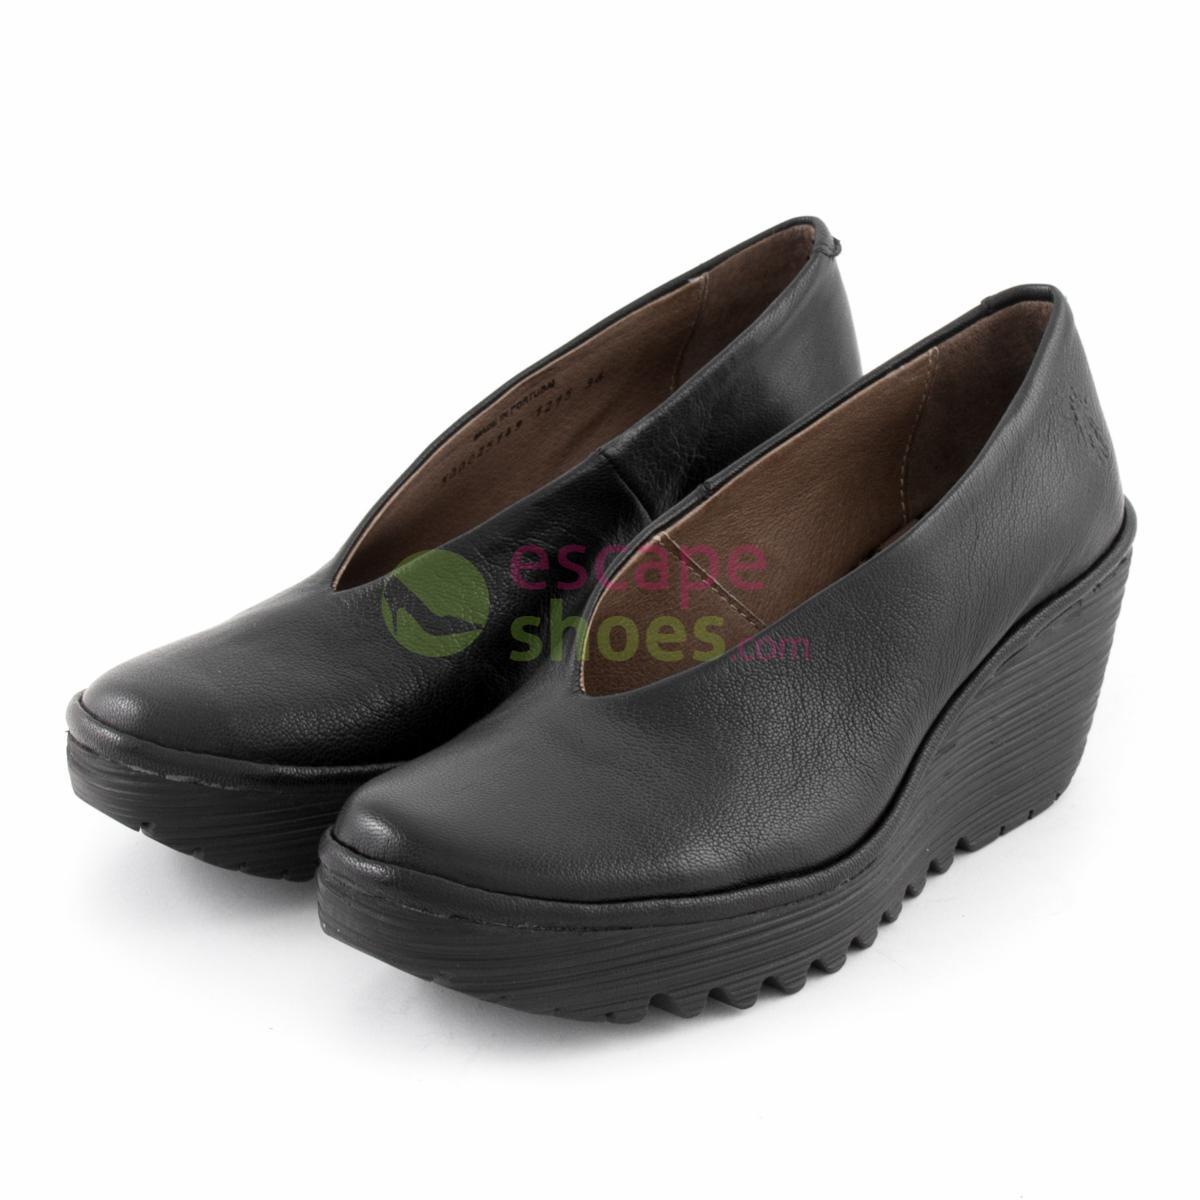 Zapatos Yellow Compra London Tus Online Fly Yaz Tienda Negro Aquí XPnP4B6